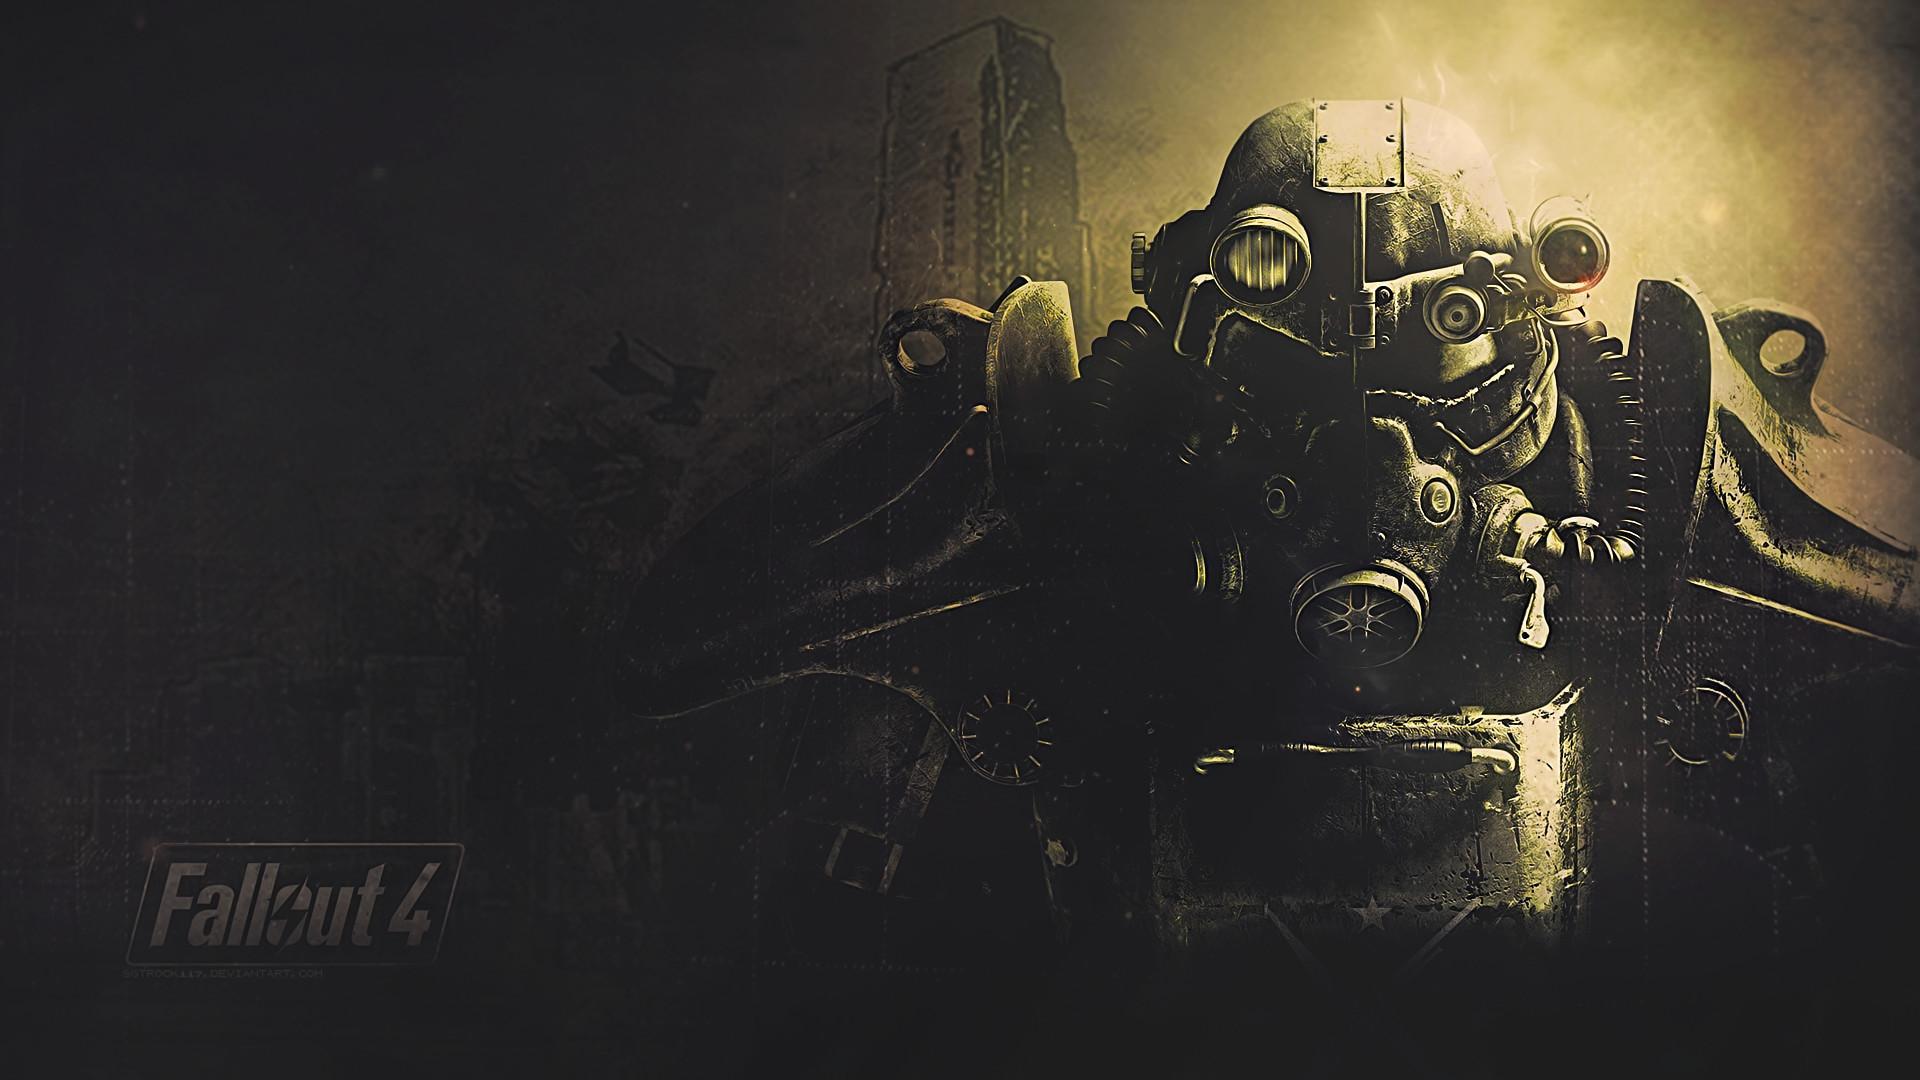 Fallout 4, Fan art, Power armor, Fallout Wallpaper HD